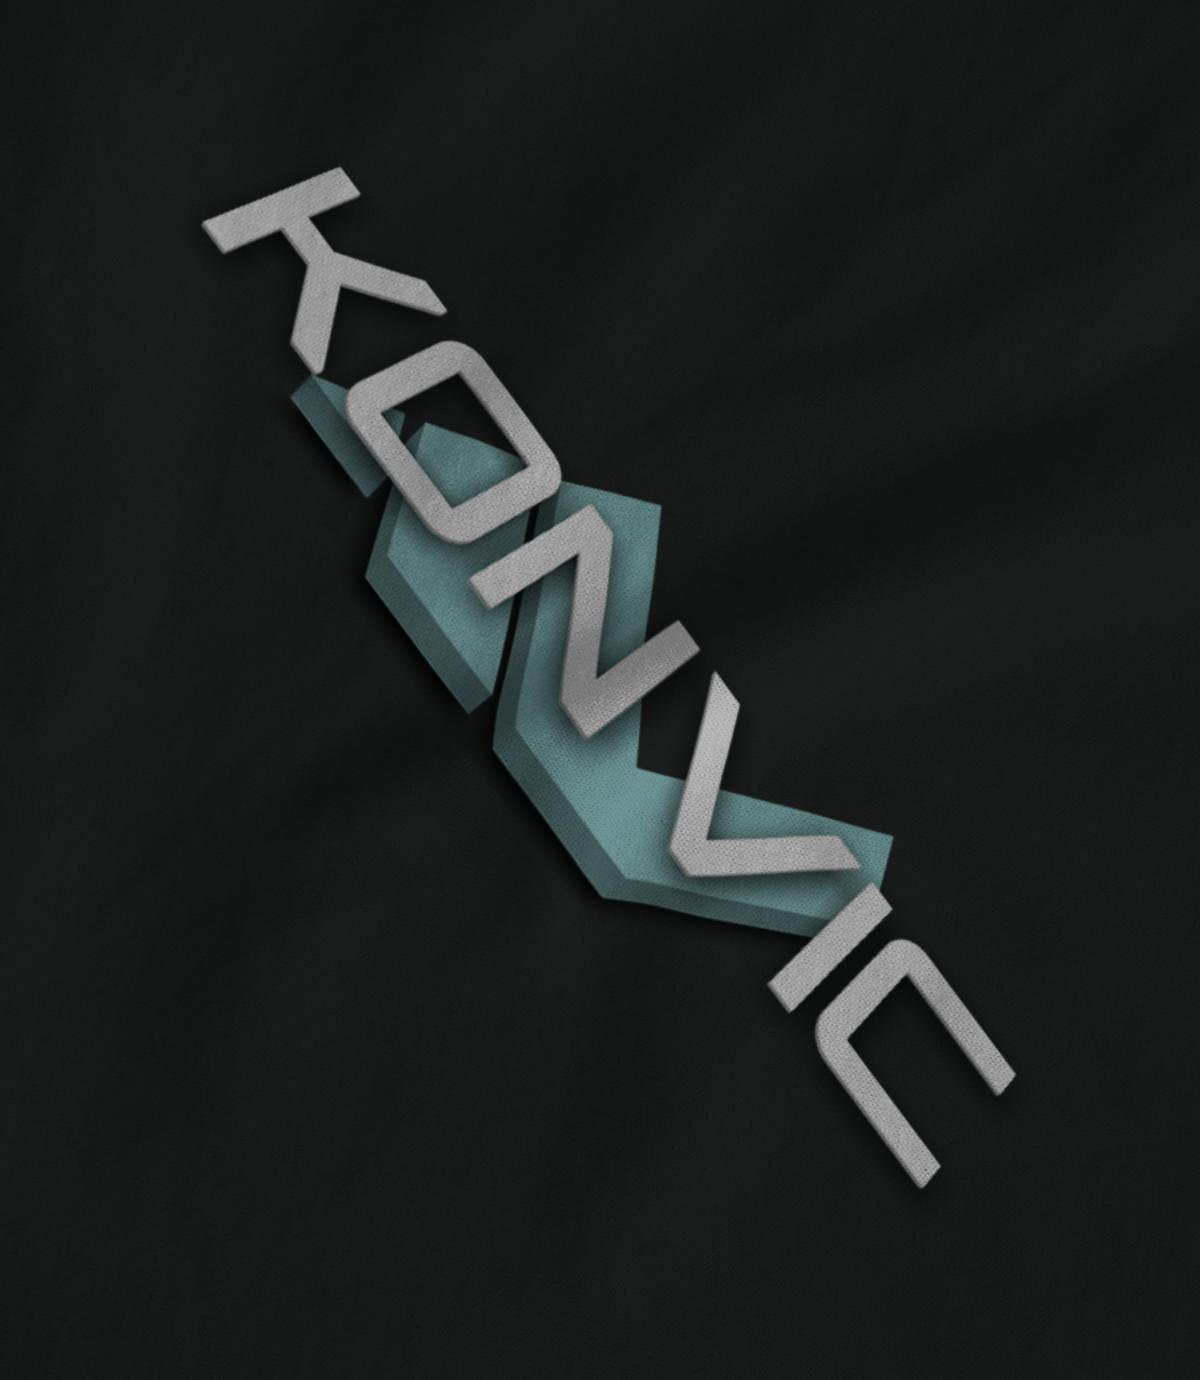 Konvic konvic diagonal 1532604132